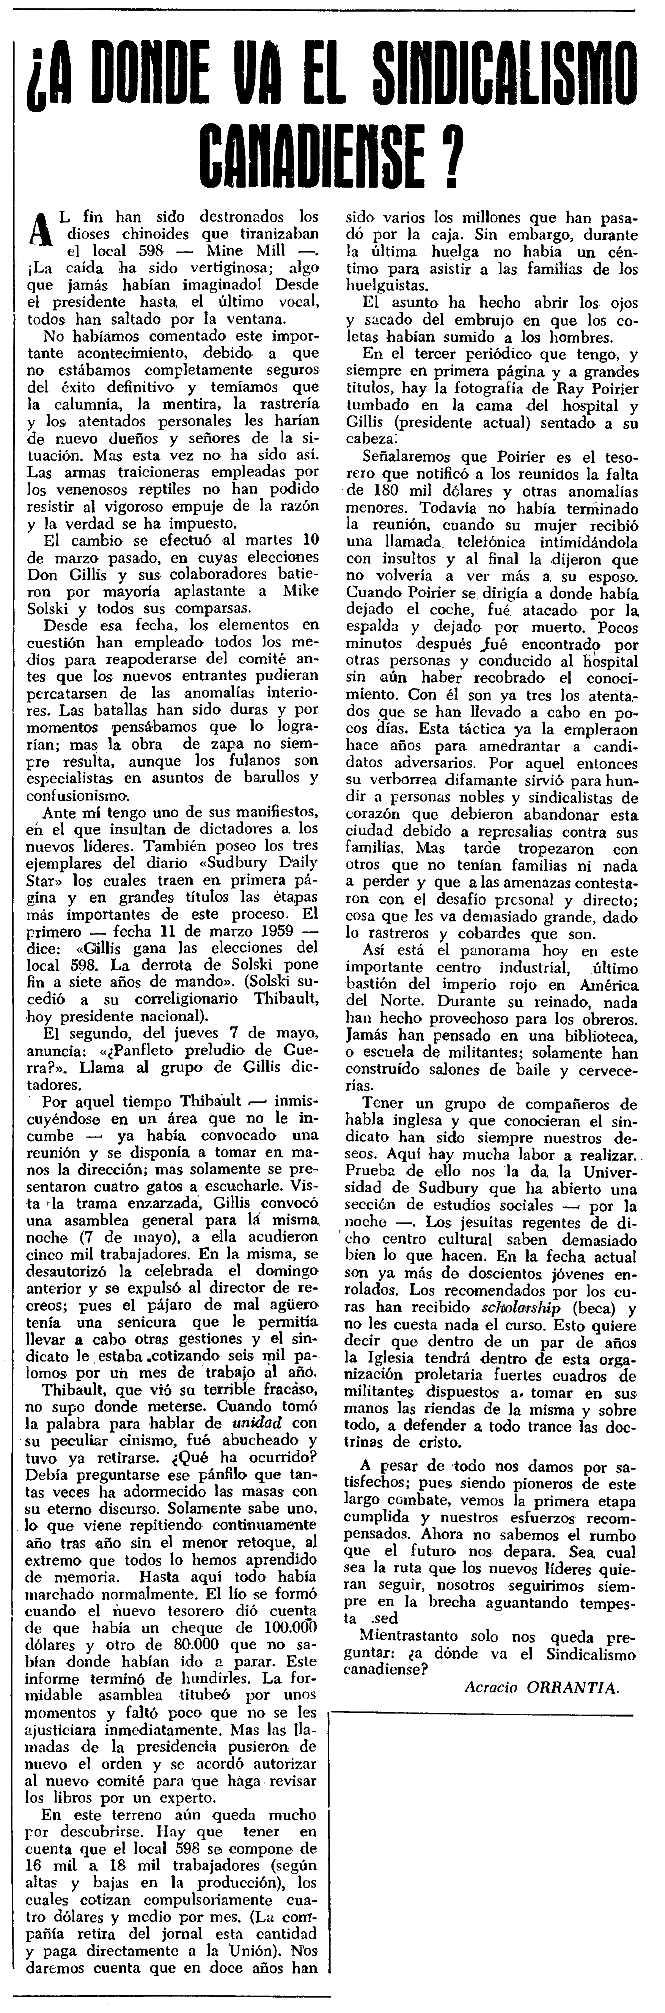 """Article d'Acracio Orrantia publicat en el periòdic tolosà """"CNT"""" del 14 de juny de 1959"""